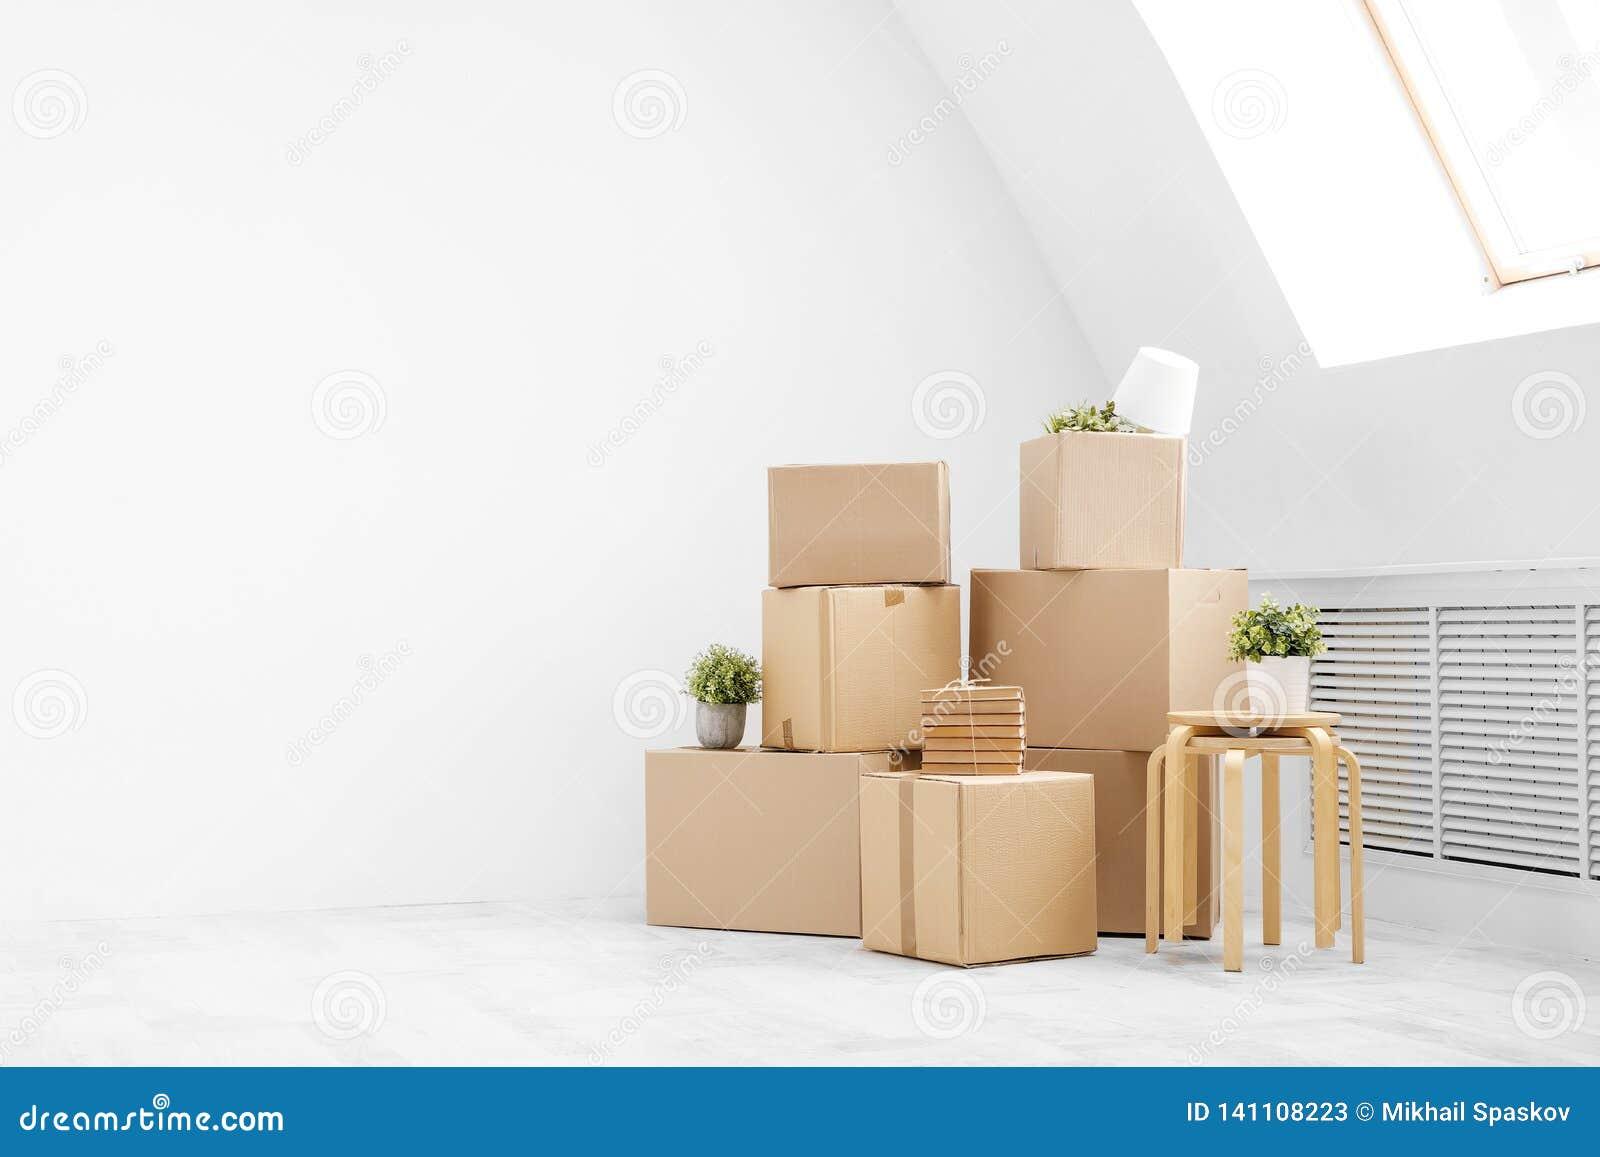 Κίνηση προς ένα νέο σπίτι Οι περιουσίες στα κουτιά από χαρτόνι, τις βίβλους και τις πράσινες εγκαταστάσεις στα δοχεία στέκονται σ